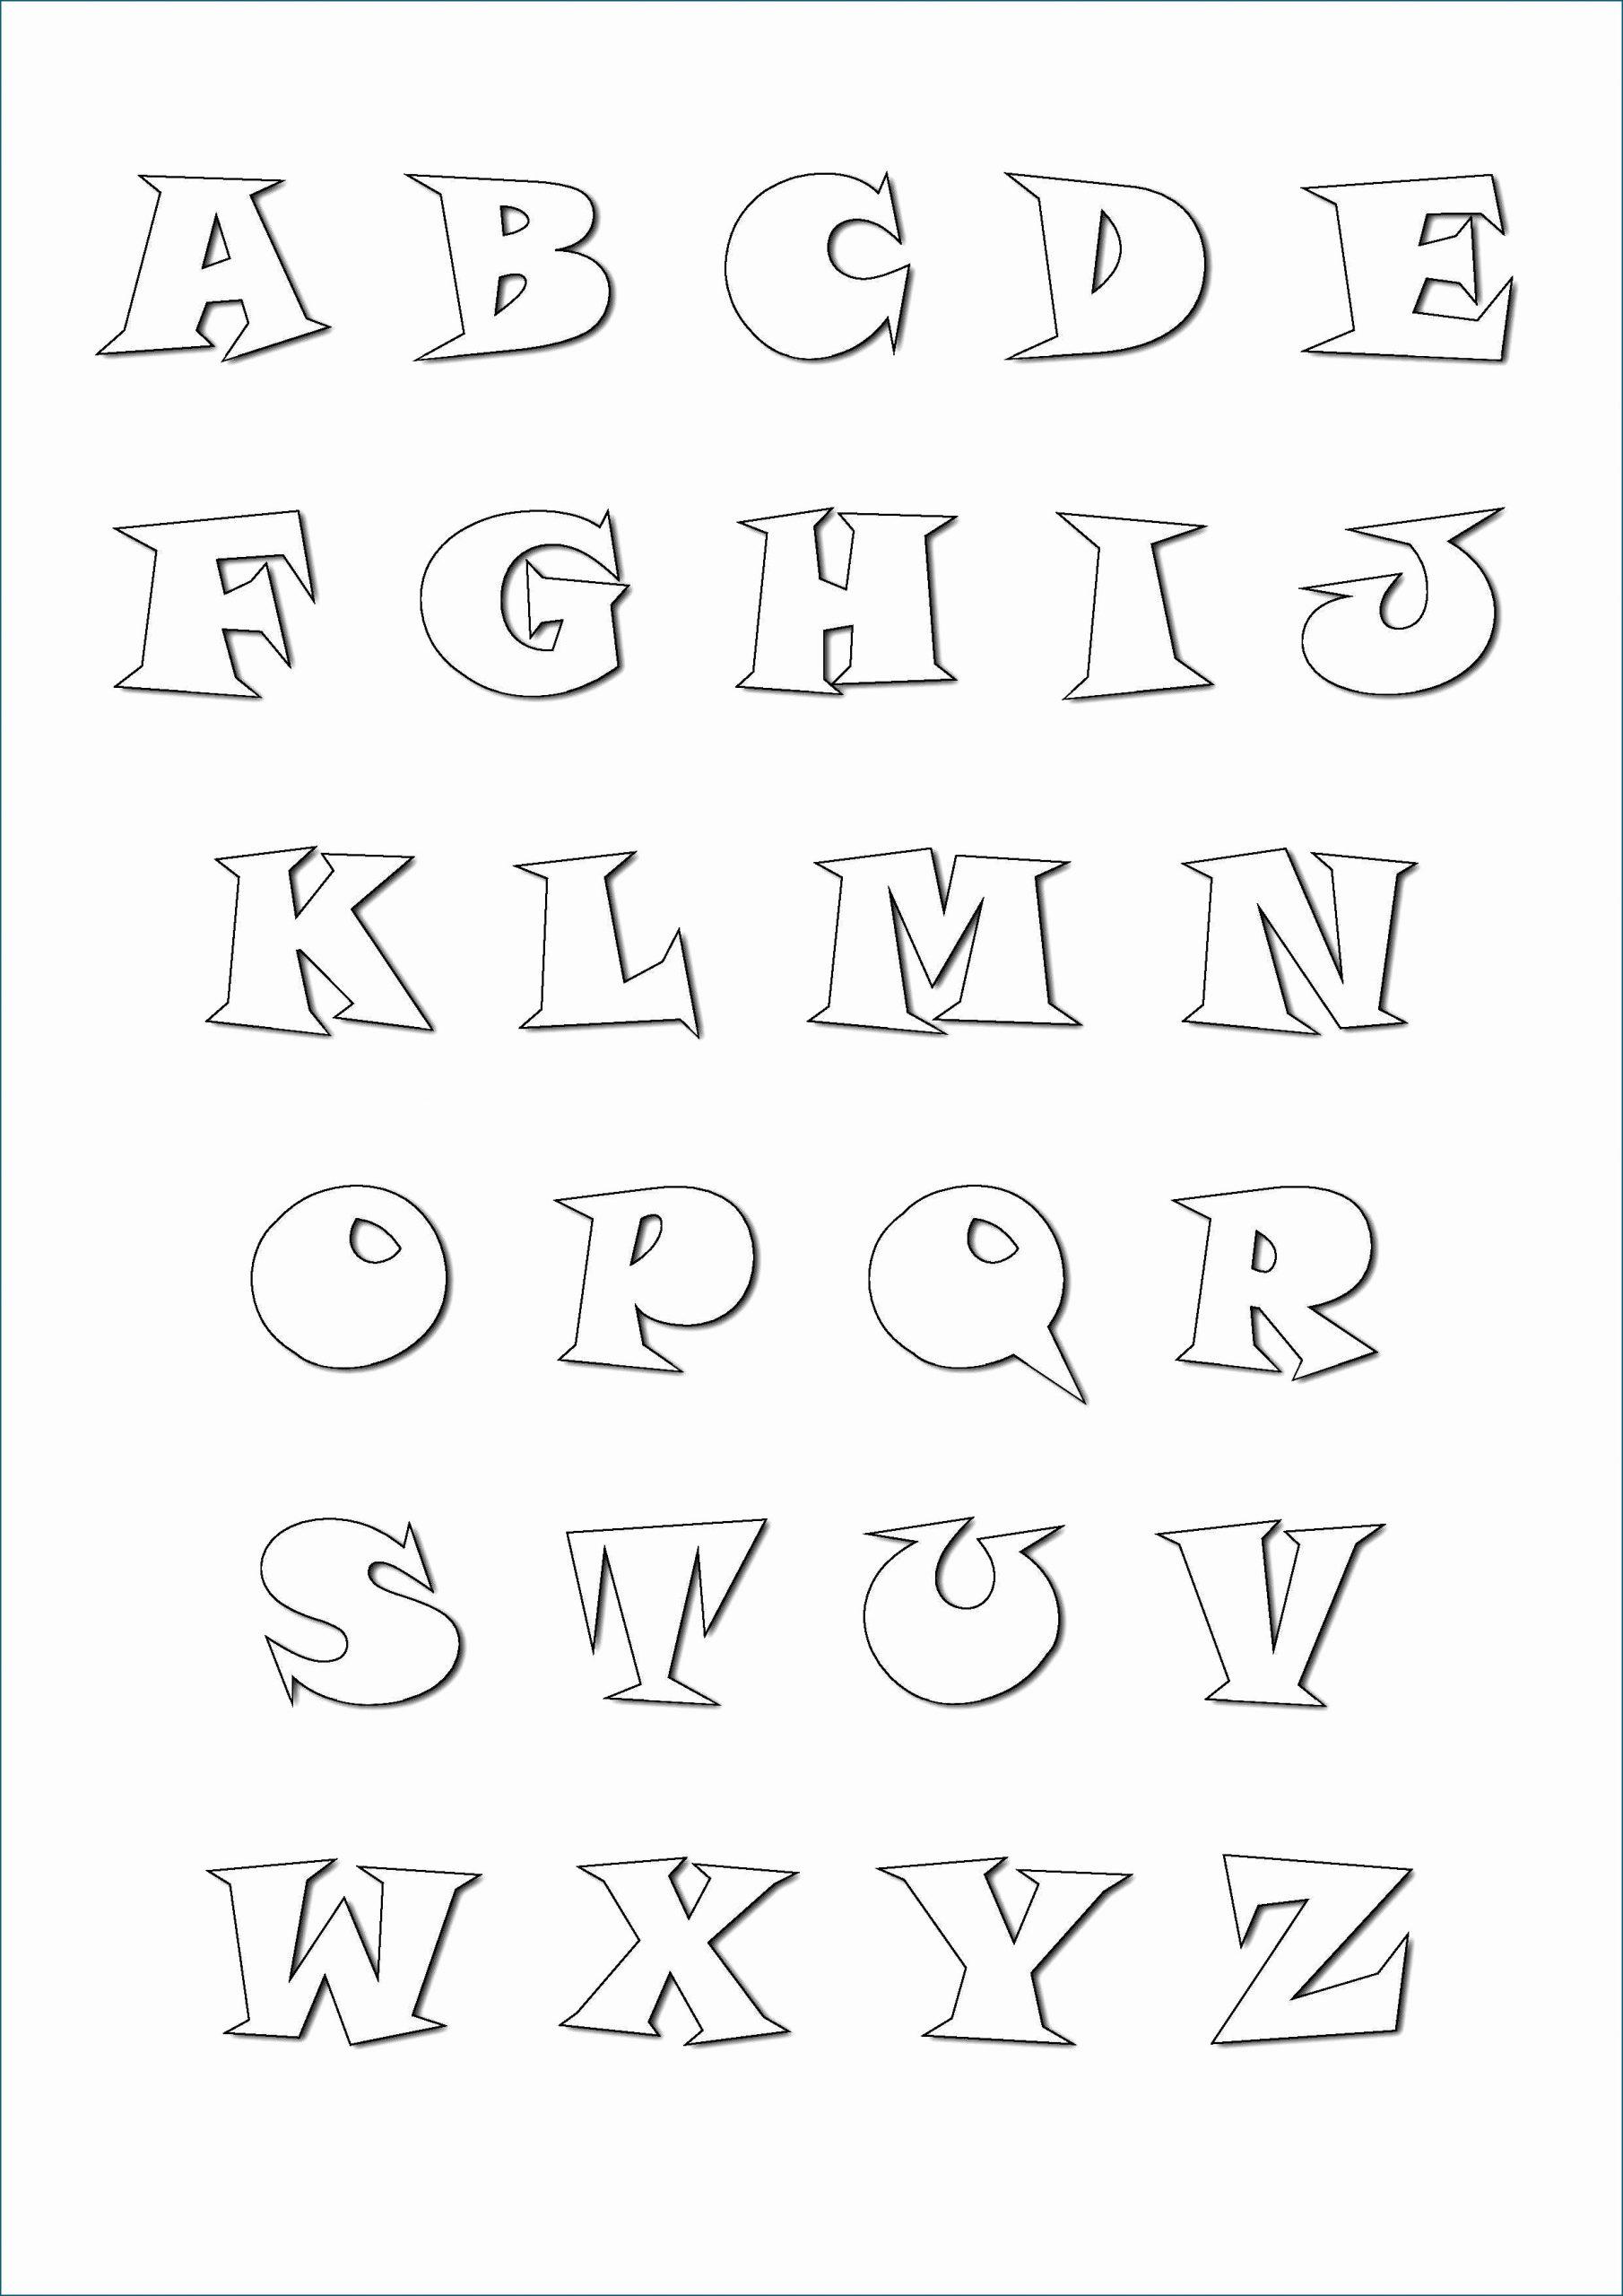 27 Alphabet A Imprimer Format A4 Télécharger | Treballadors encequiconcerne Alphabet À Colorier Maternelle